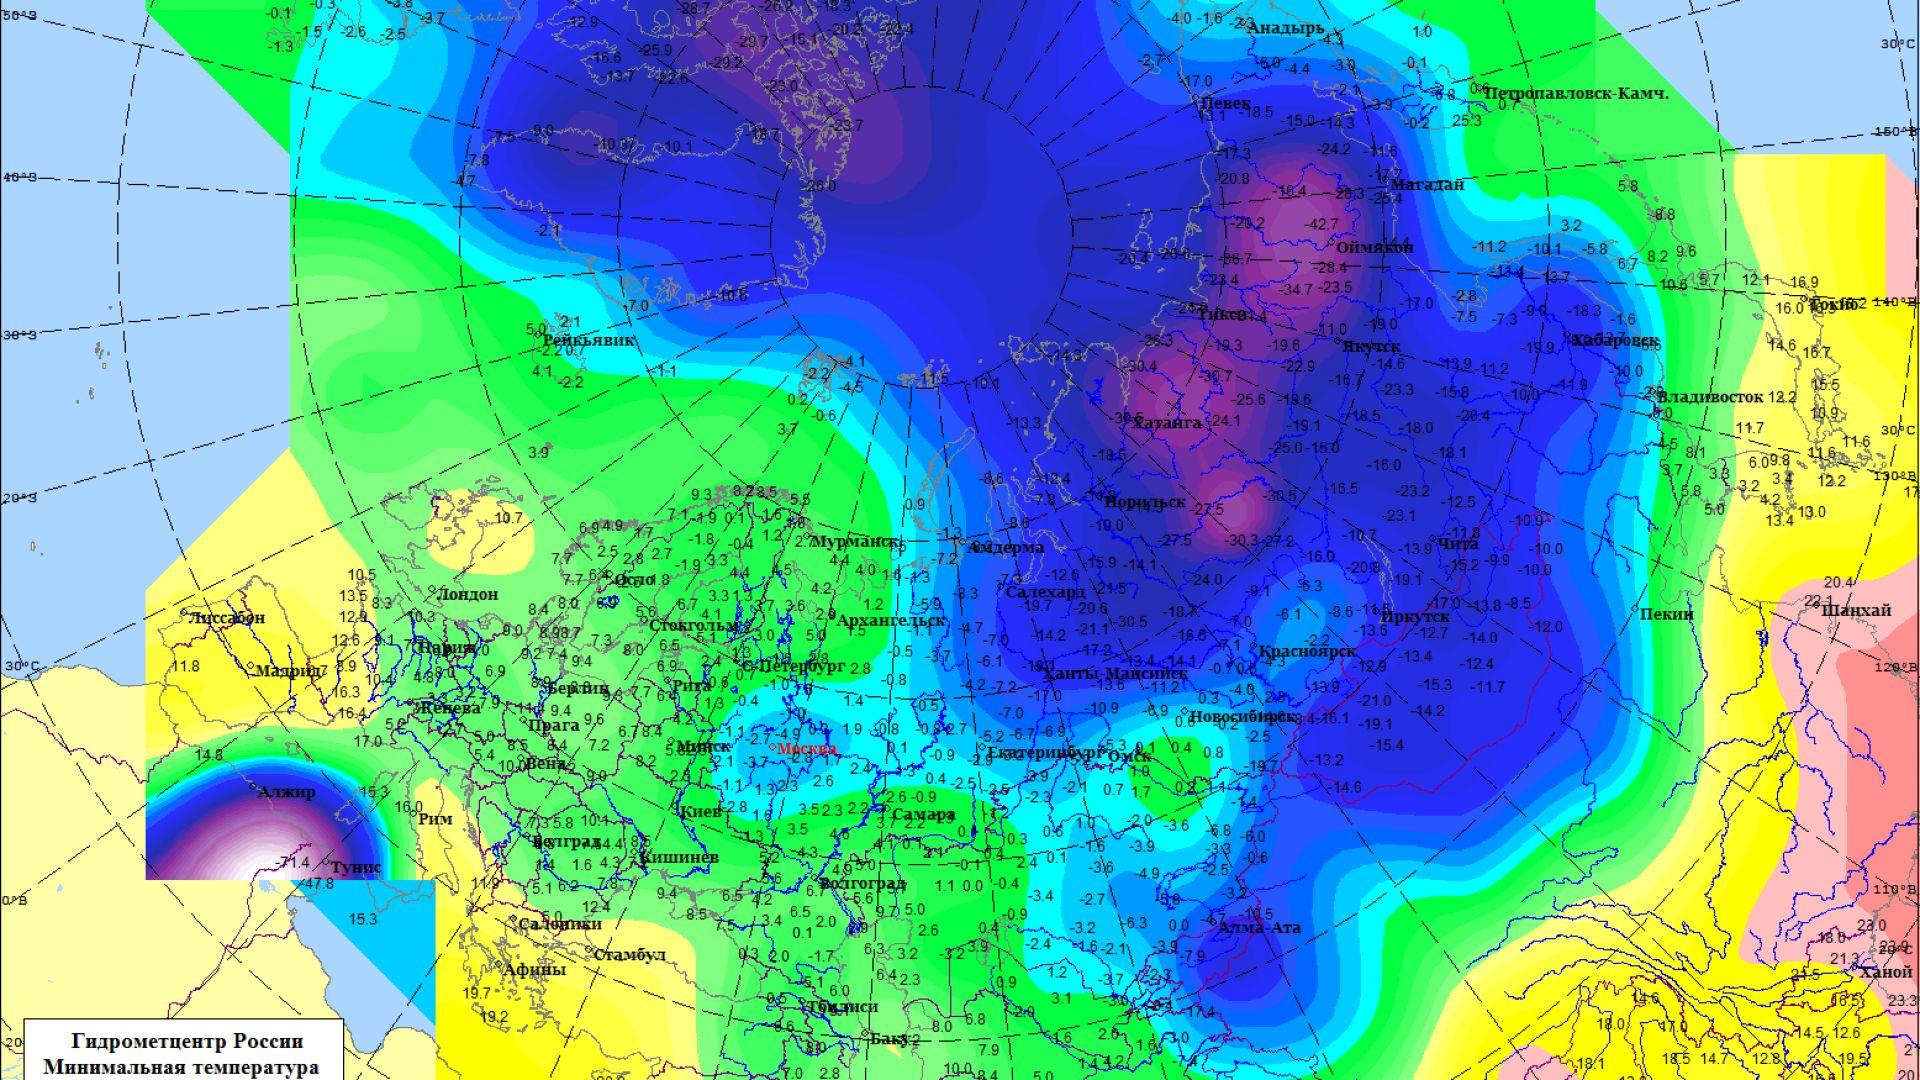 Минус 40 градуса: Северът атакува Антарктида, но засега губи